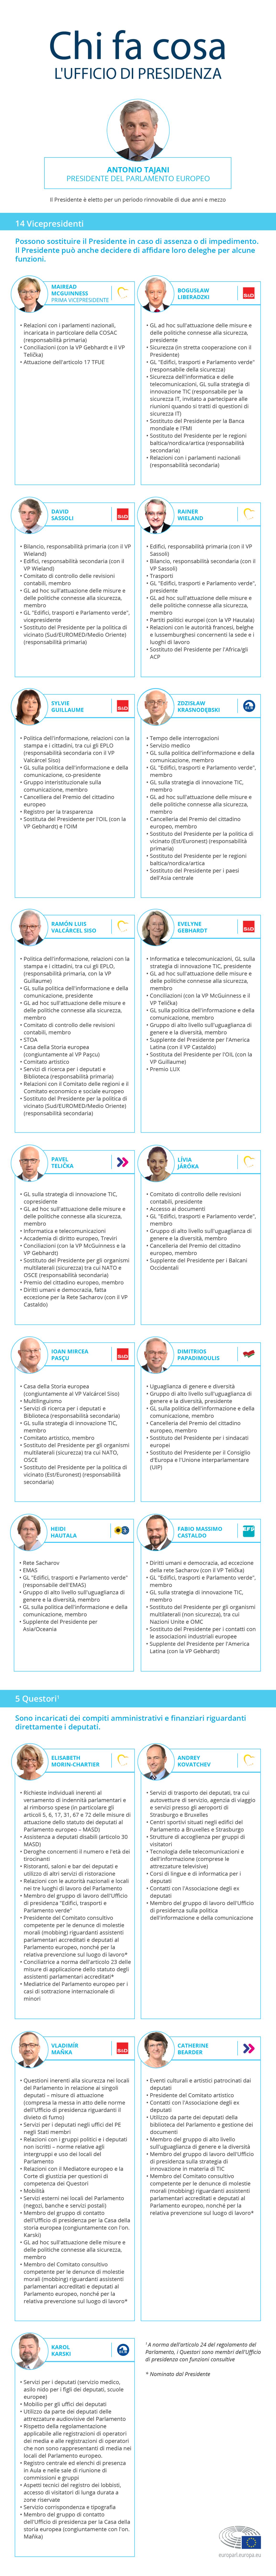 Infografica su chi fa cosa nell'Ufficio di presidenza del Parlamento europeo